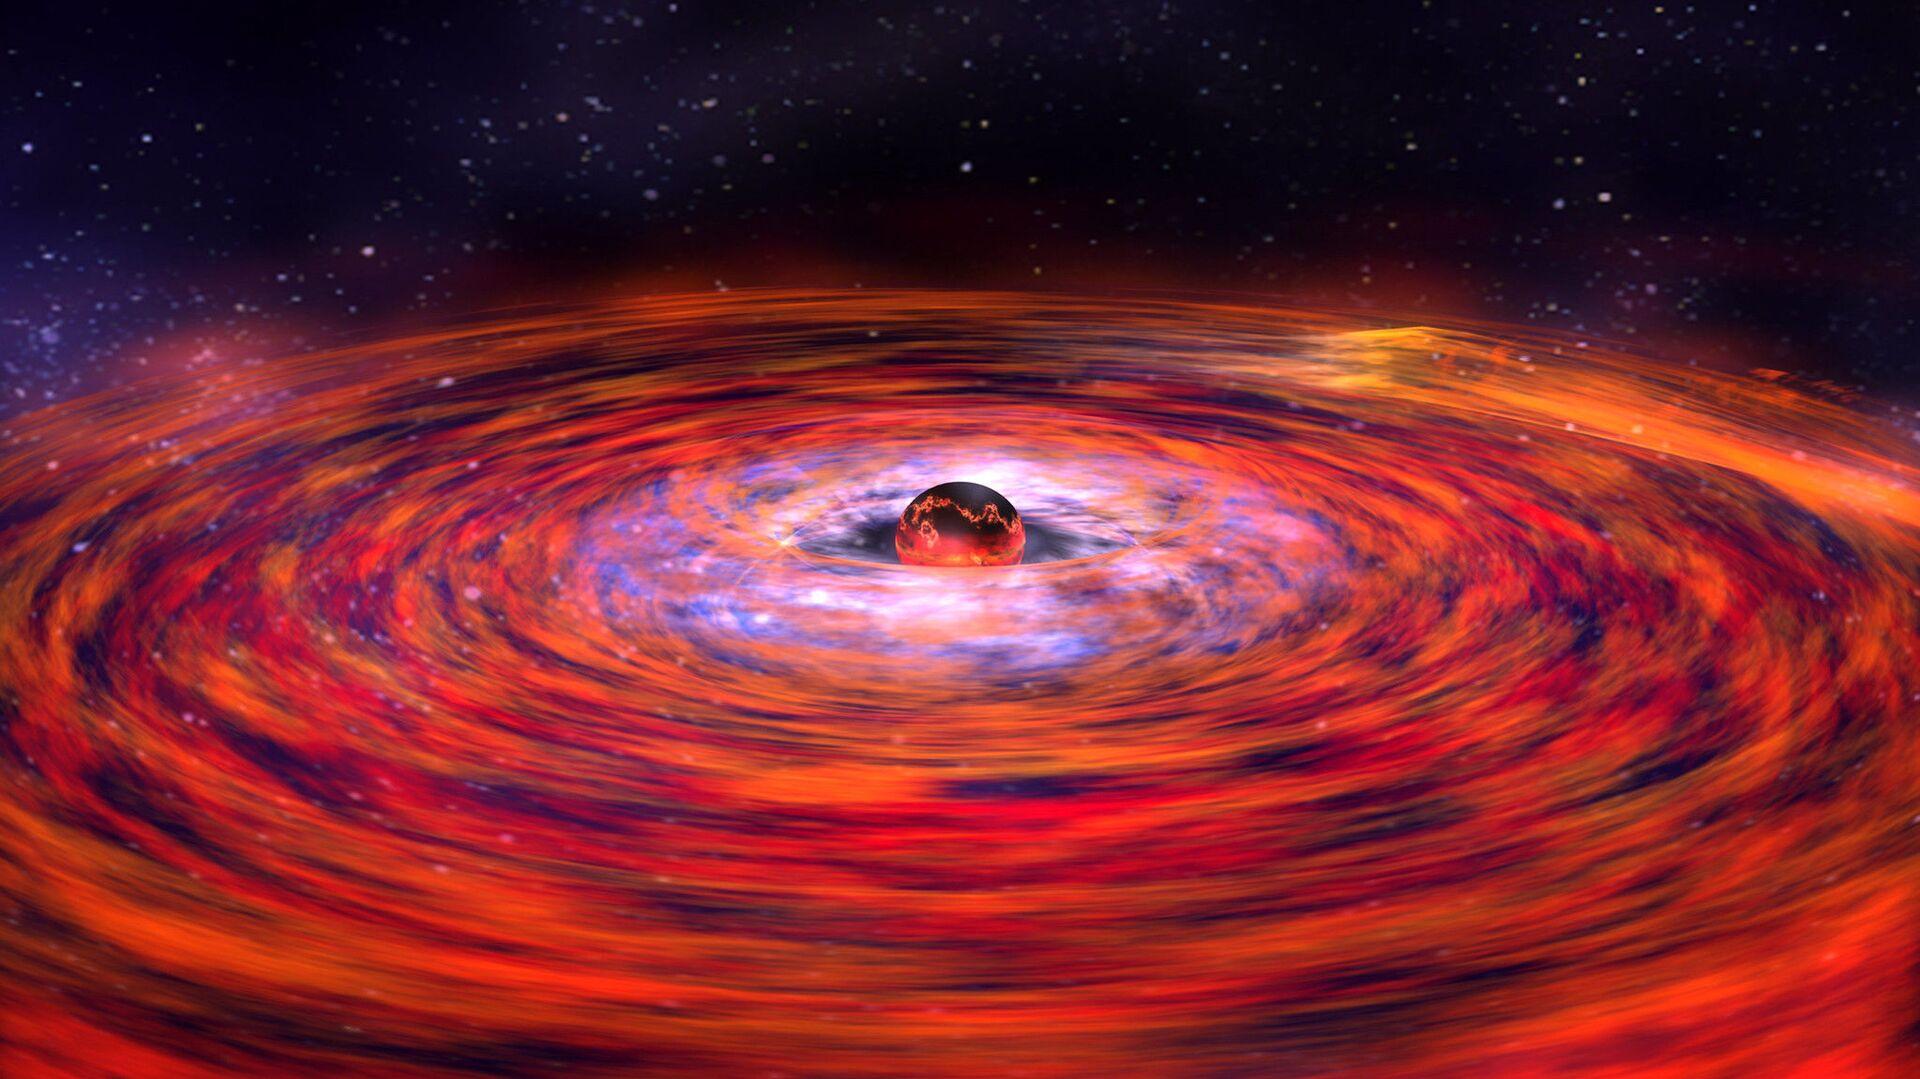 Una explosión estelar (imagen referencial) - Sputnik Mundo, 1920, 29.06.2021